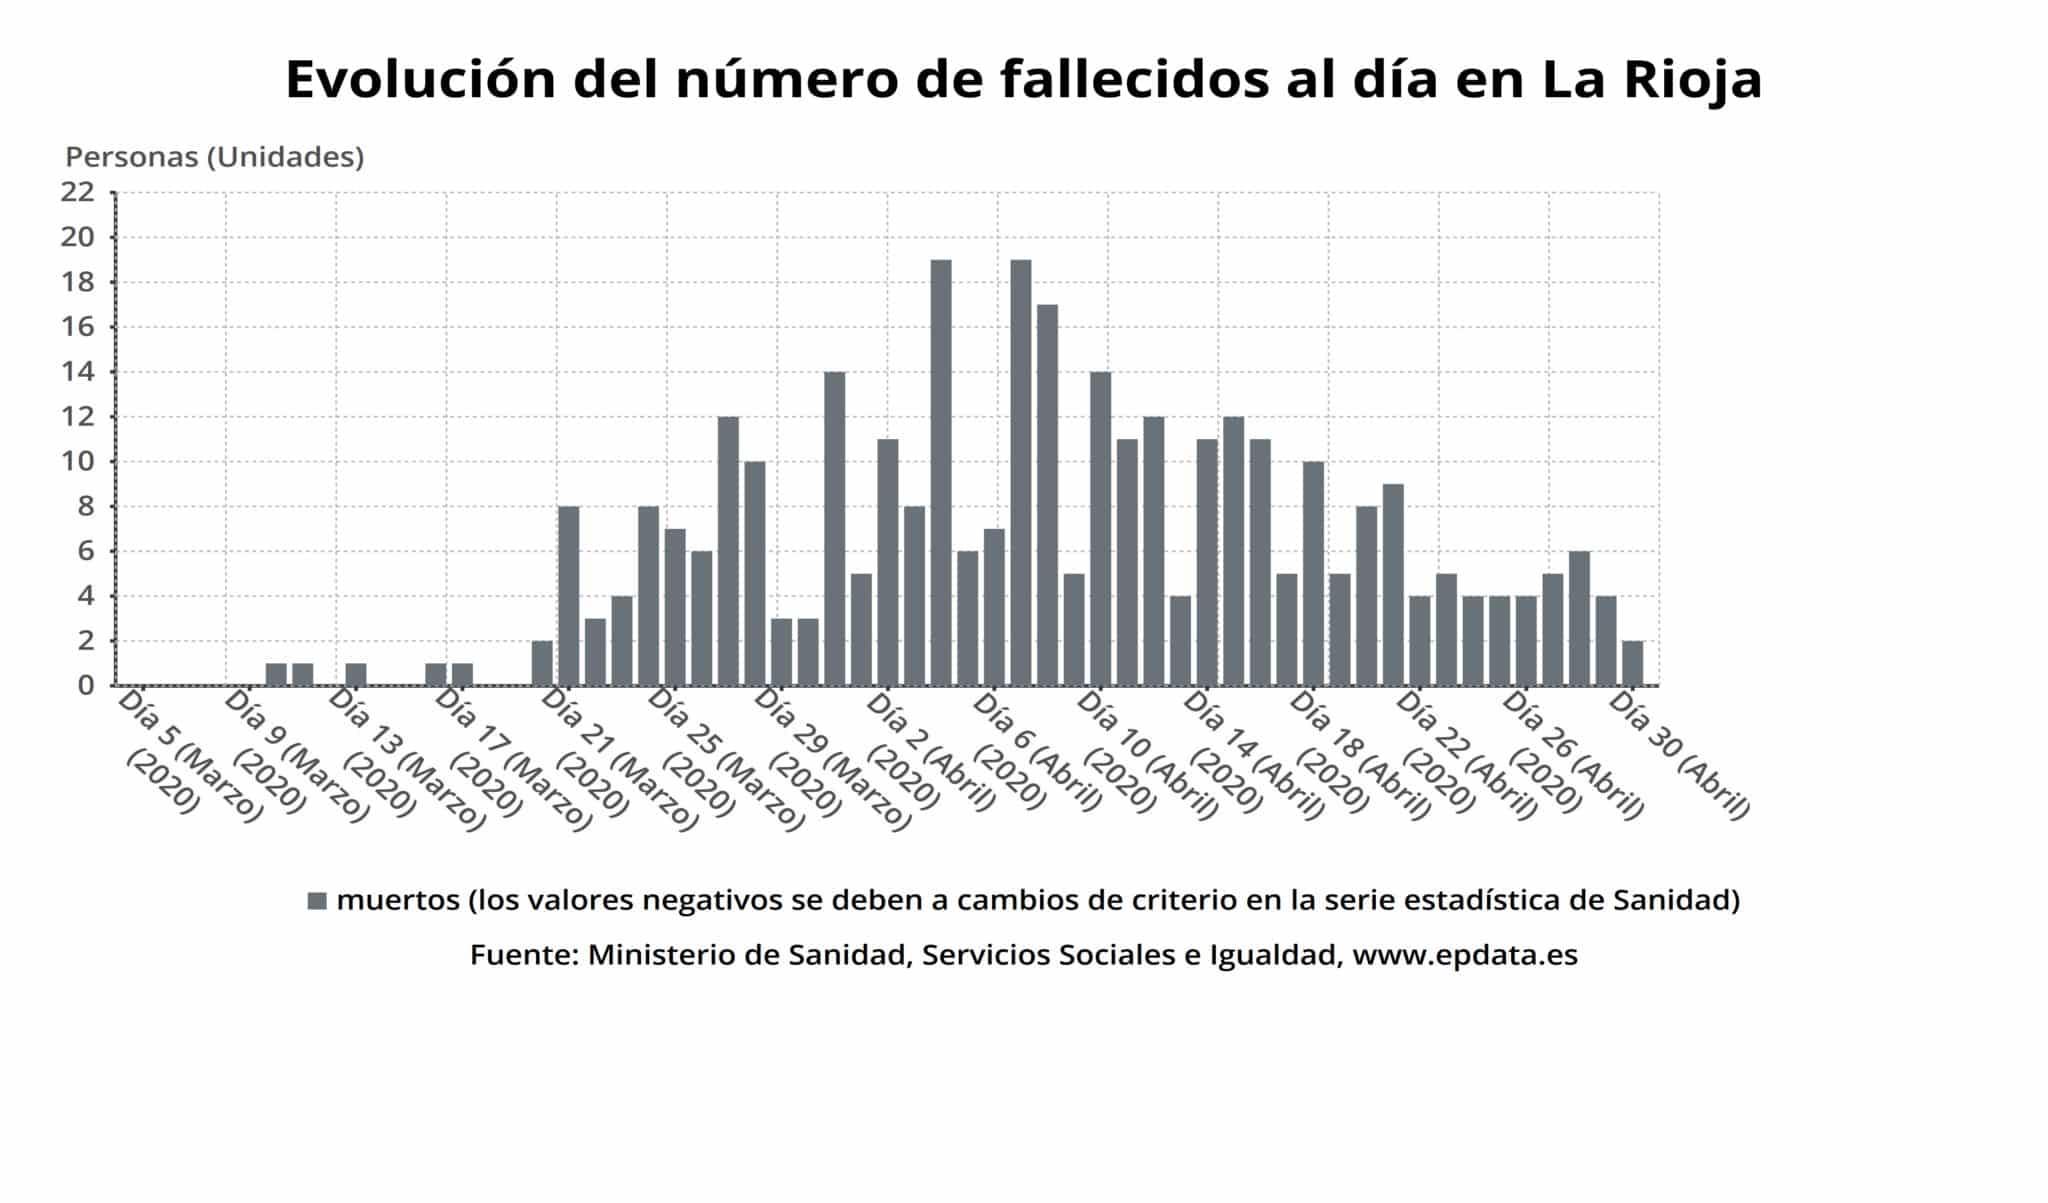 Continúan en descenso los ingresos hospitalarios por coronavirus en La Rioja 2